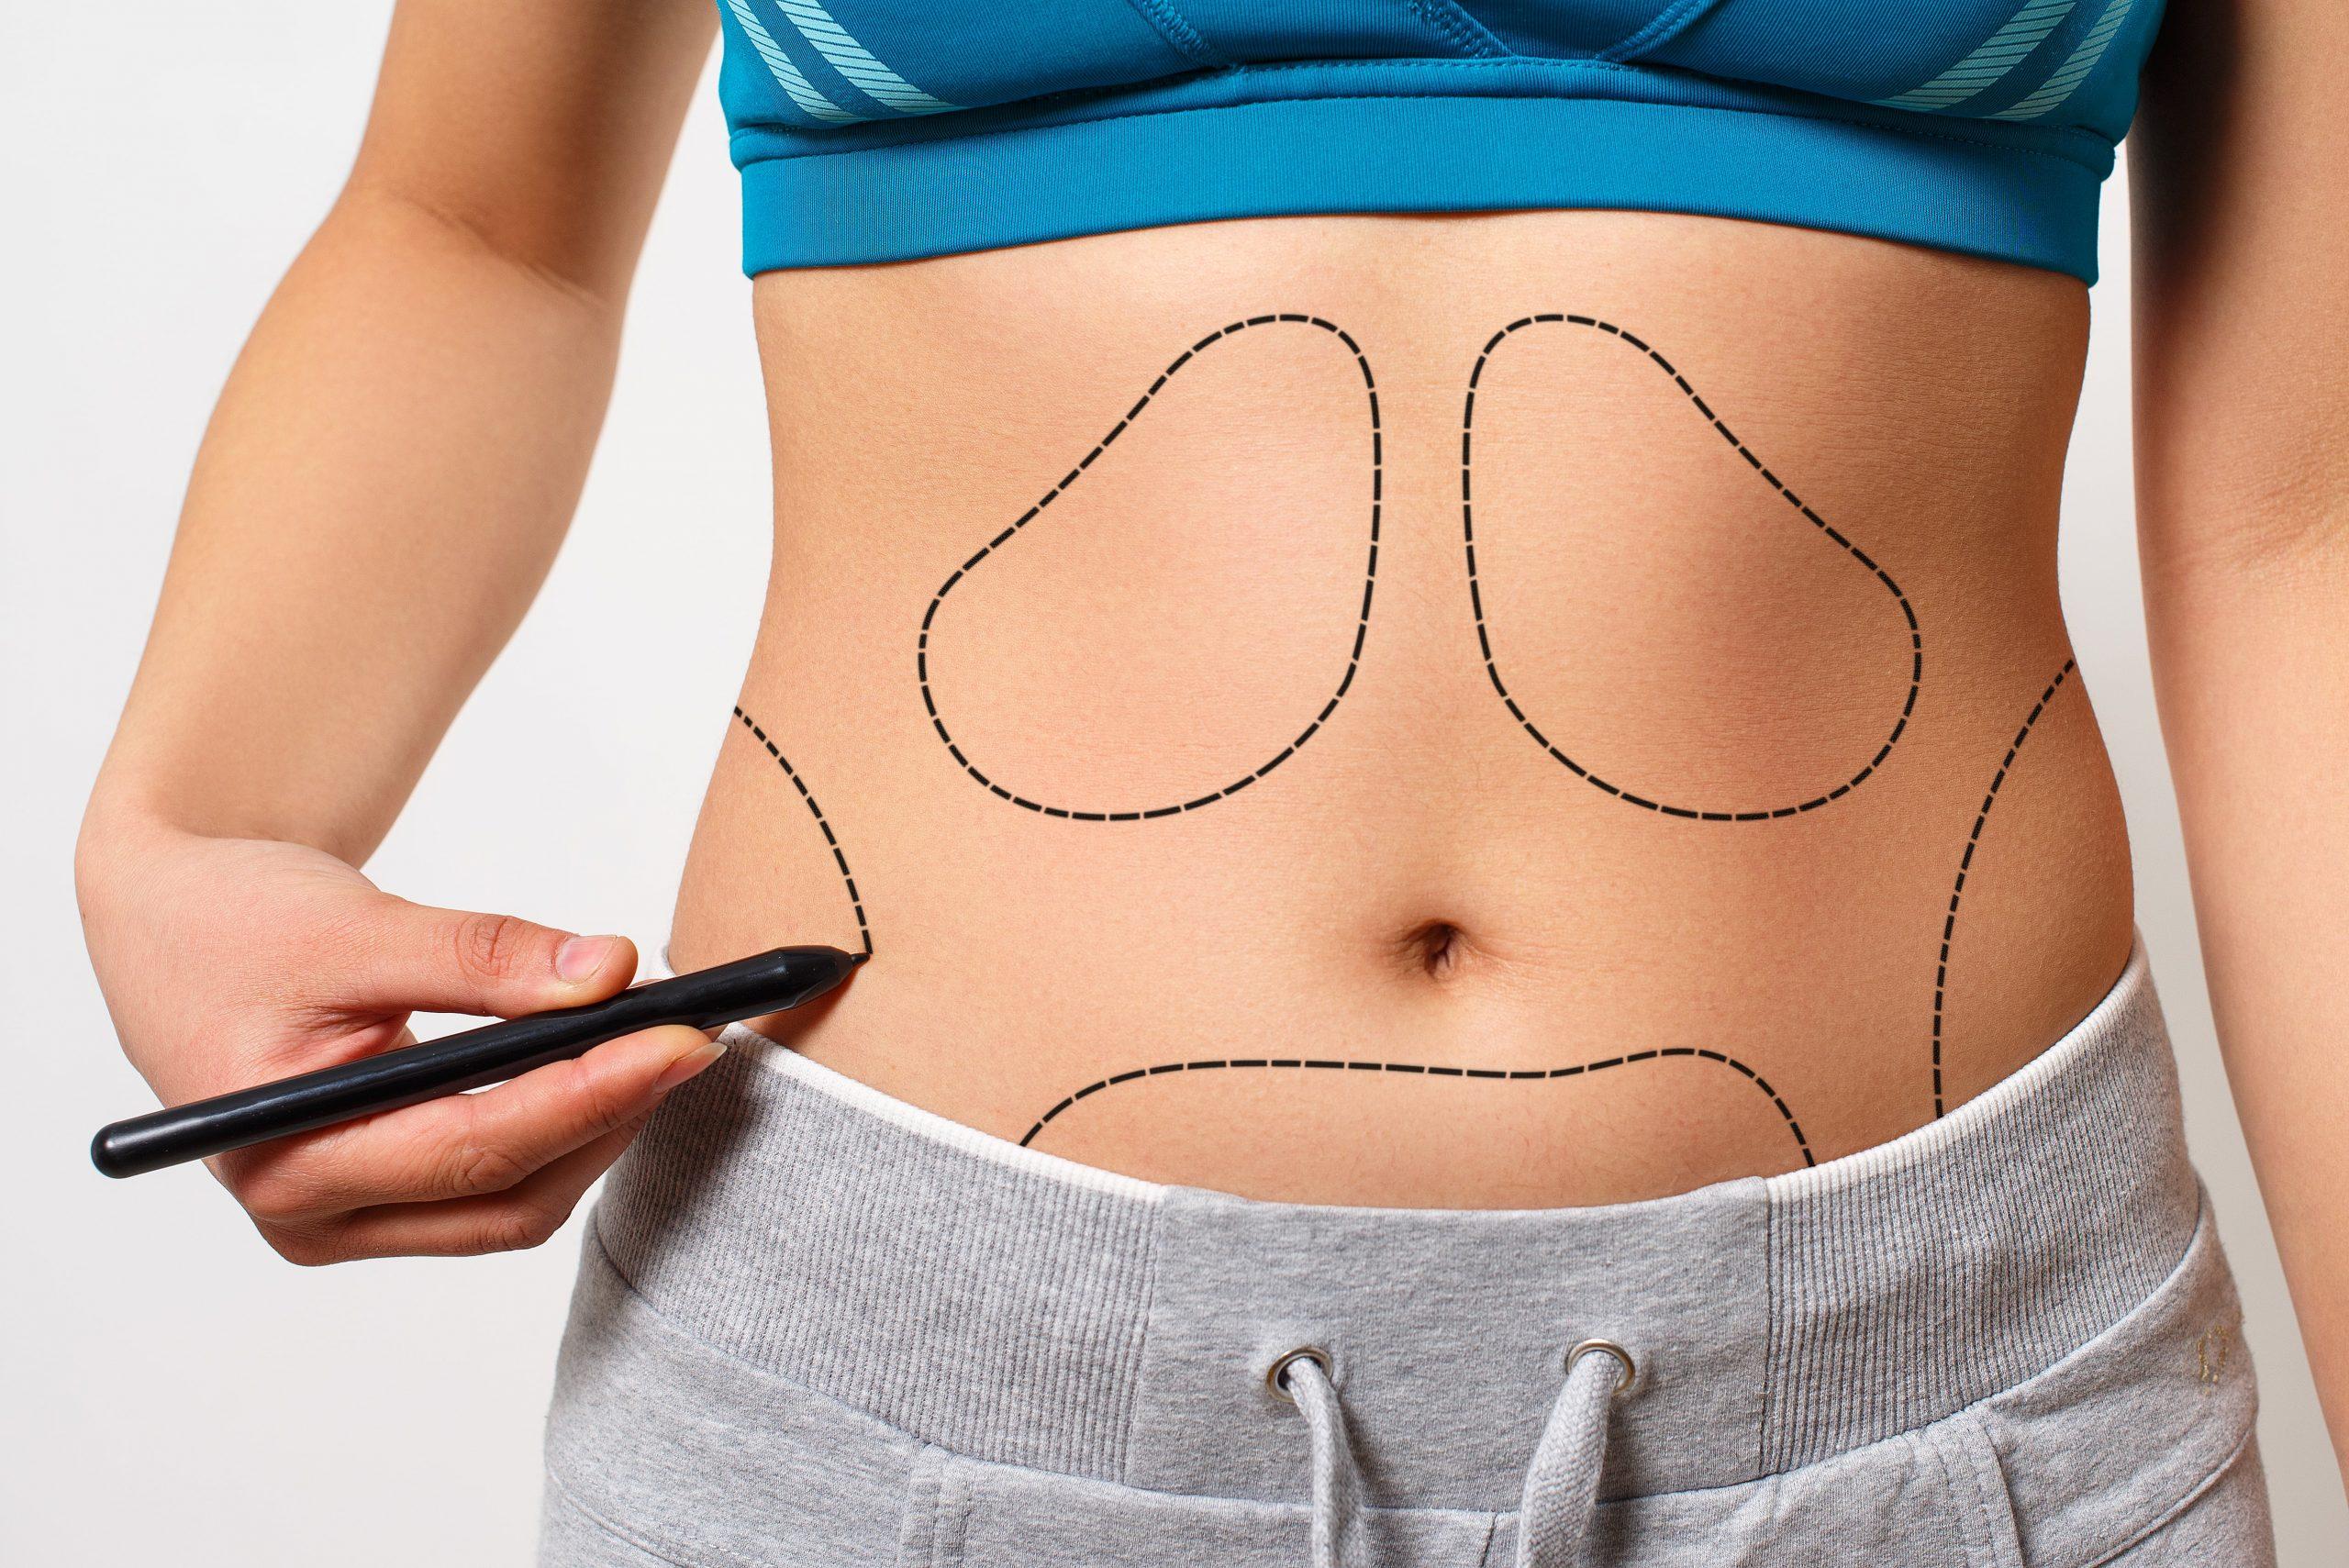 erro médico em abdominoplastia